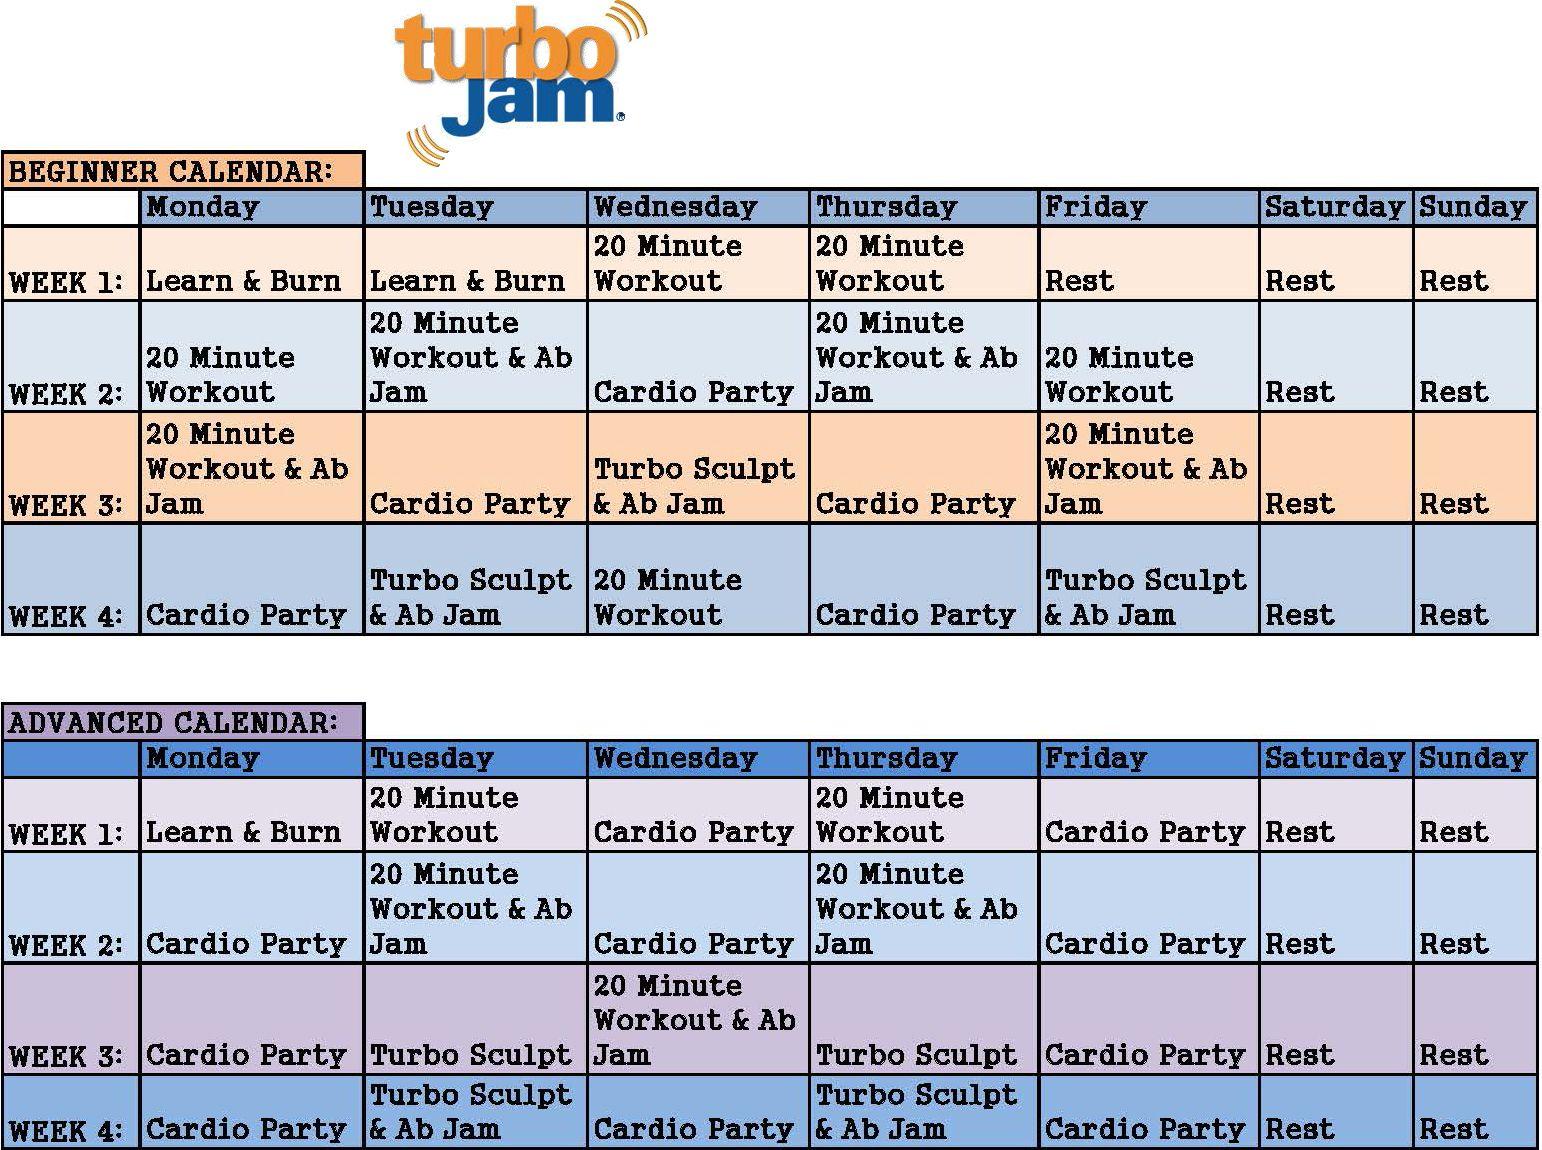 Chalene Johnson Turbo Jam Calendar From Beachbody